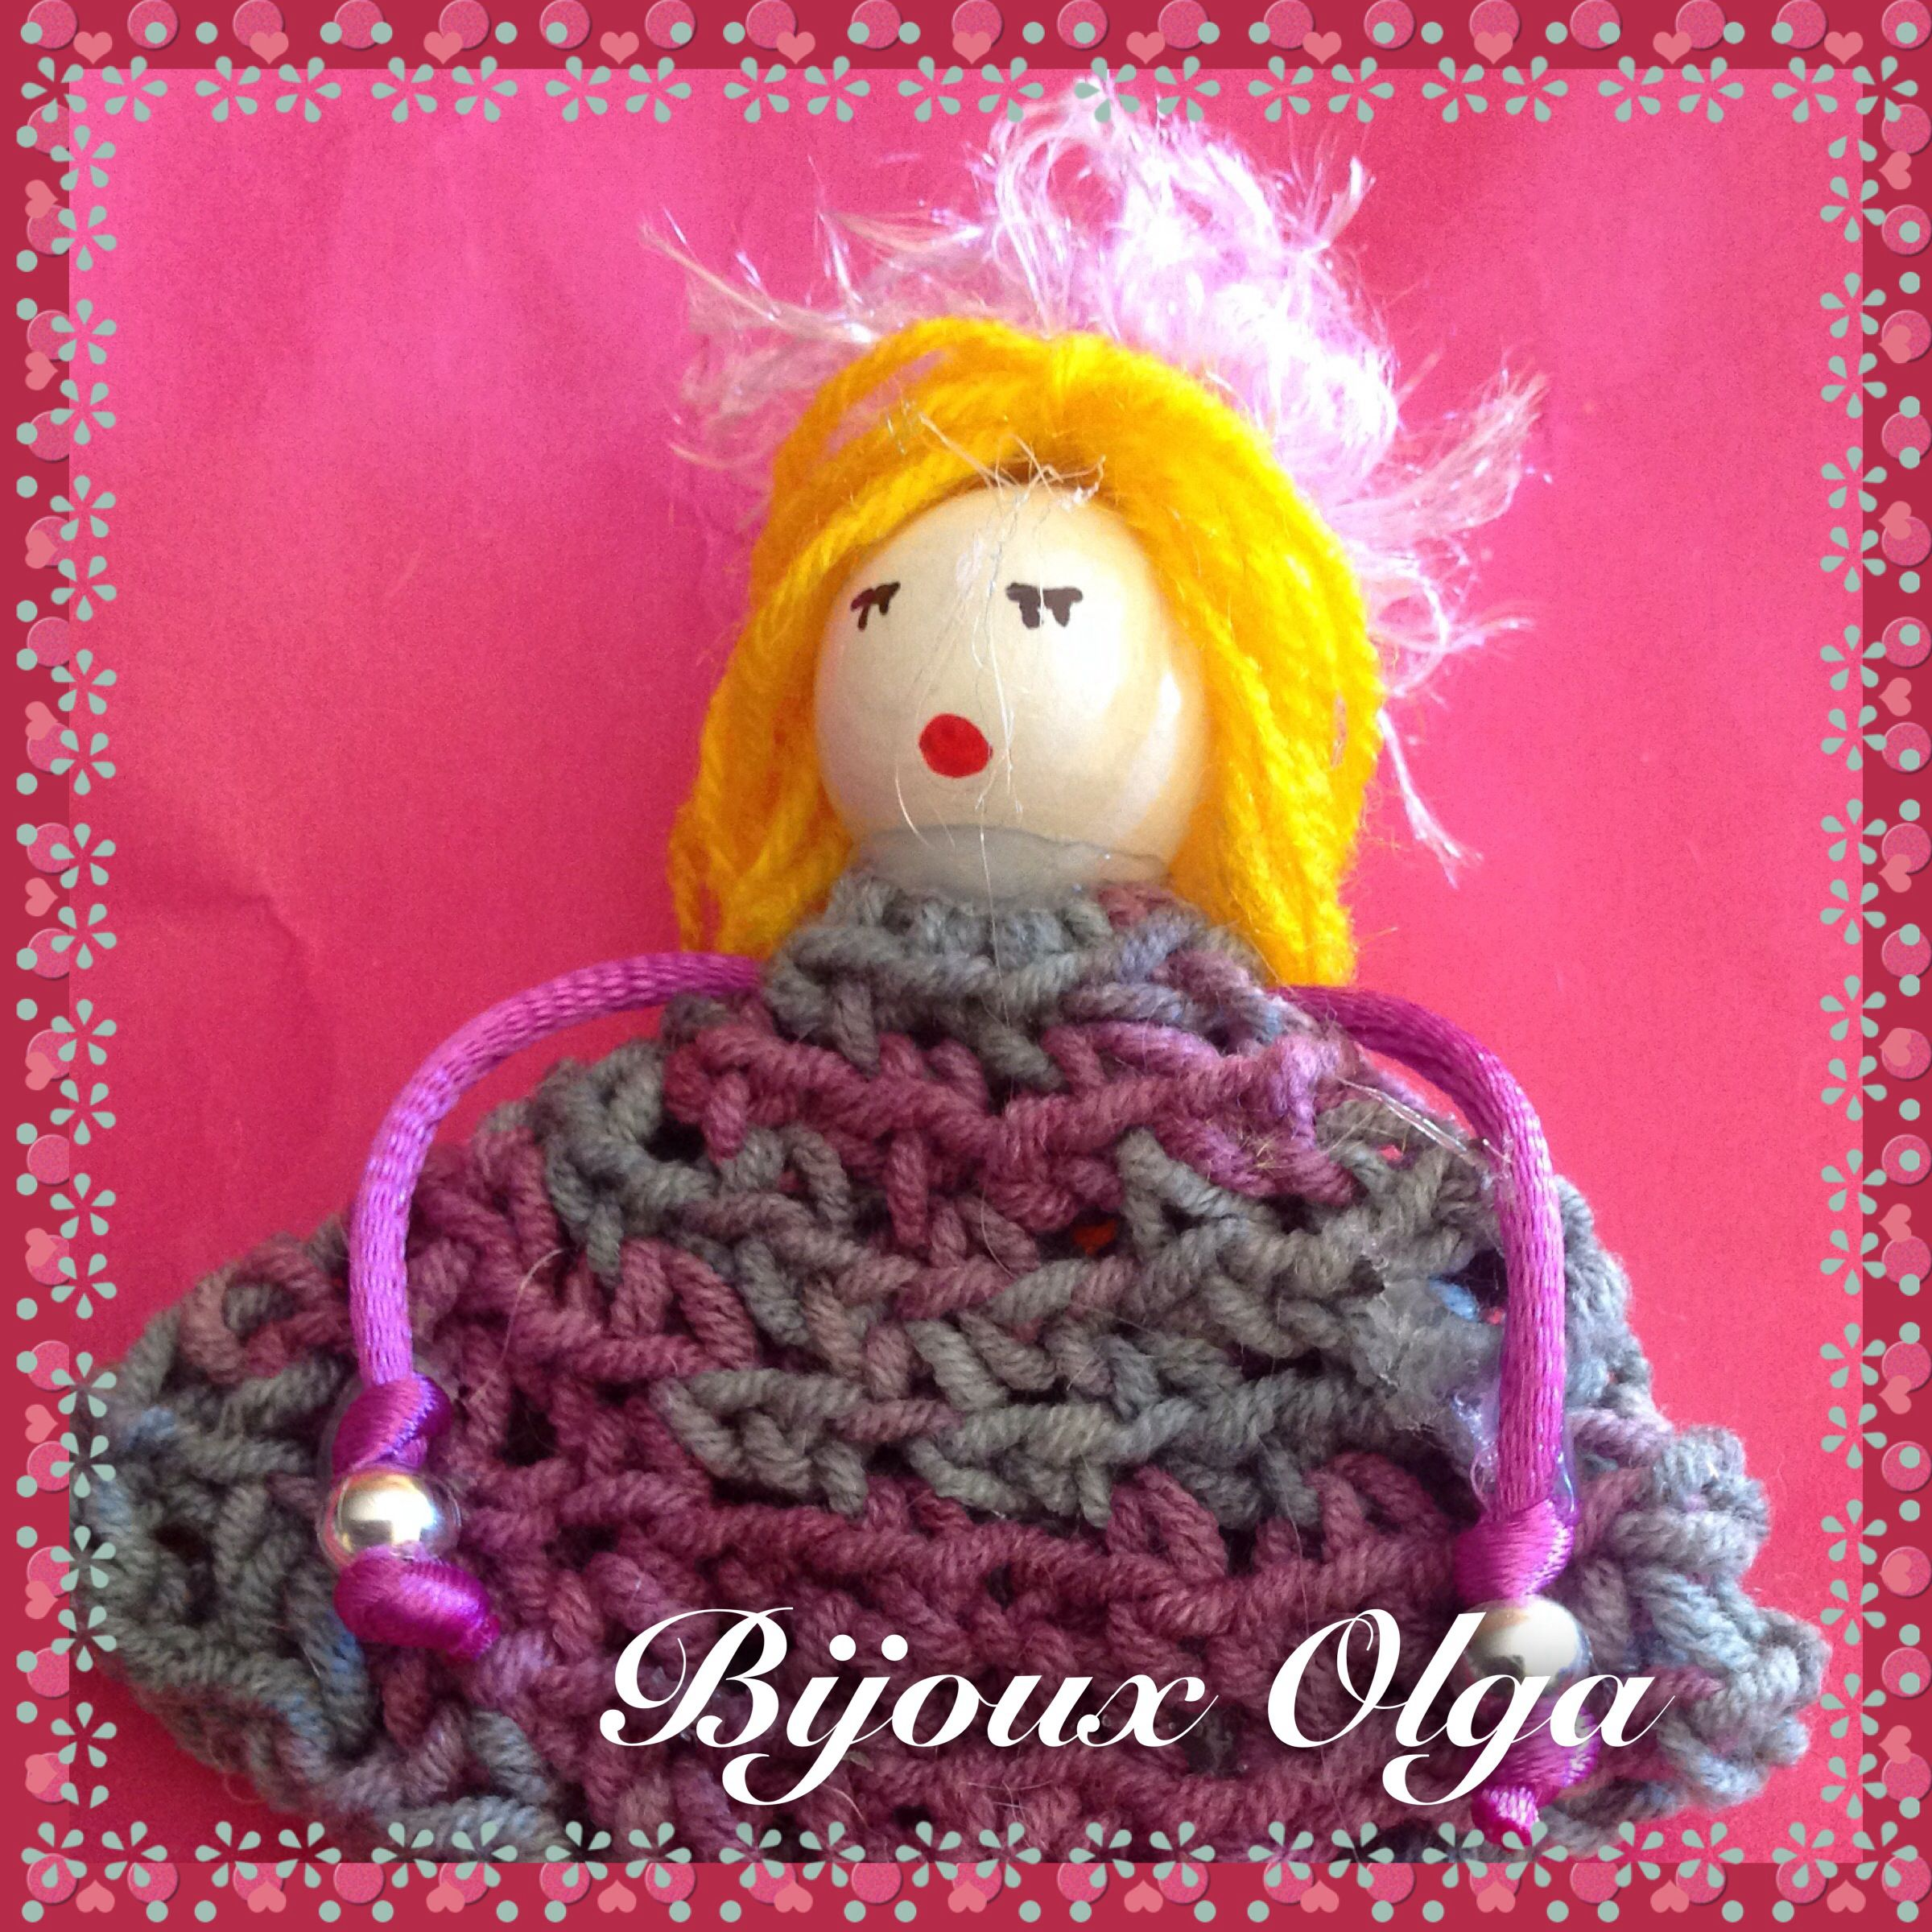 #muñequitabijoux #artesania #crochet #gantxet #ganchillo #handmade #fetama #hechoamano